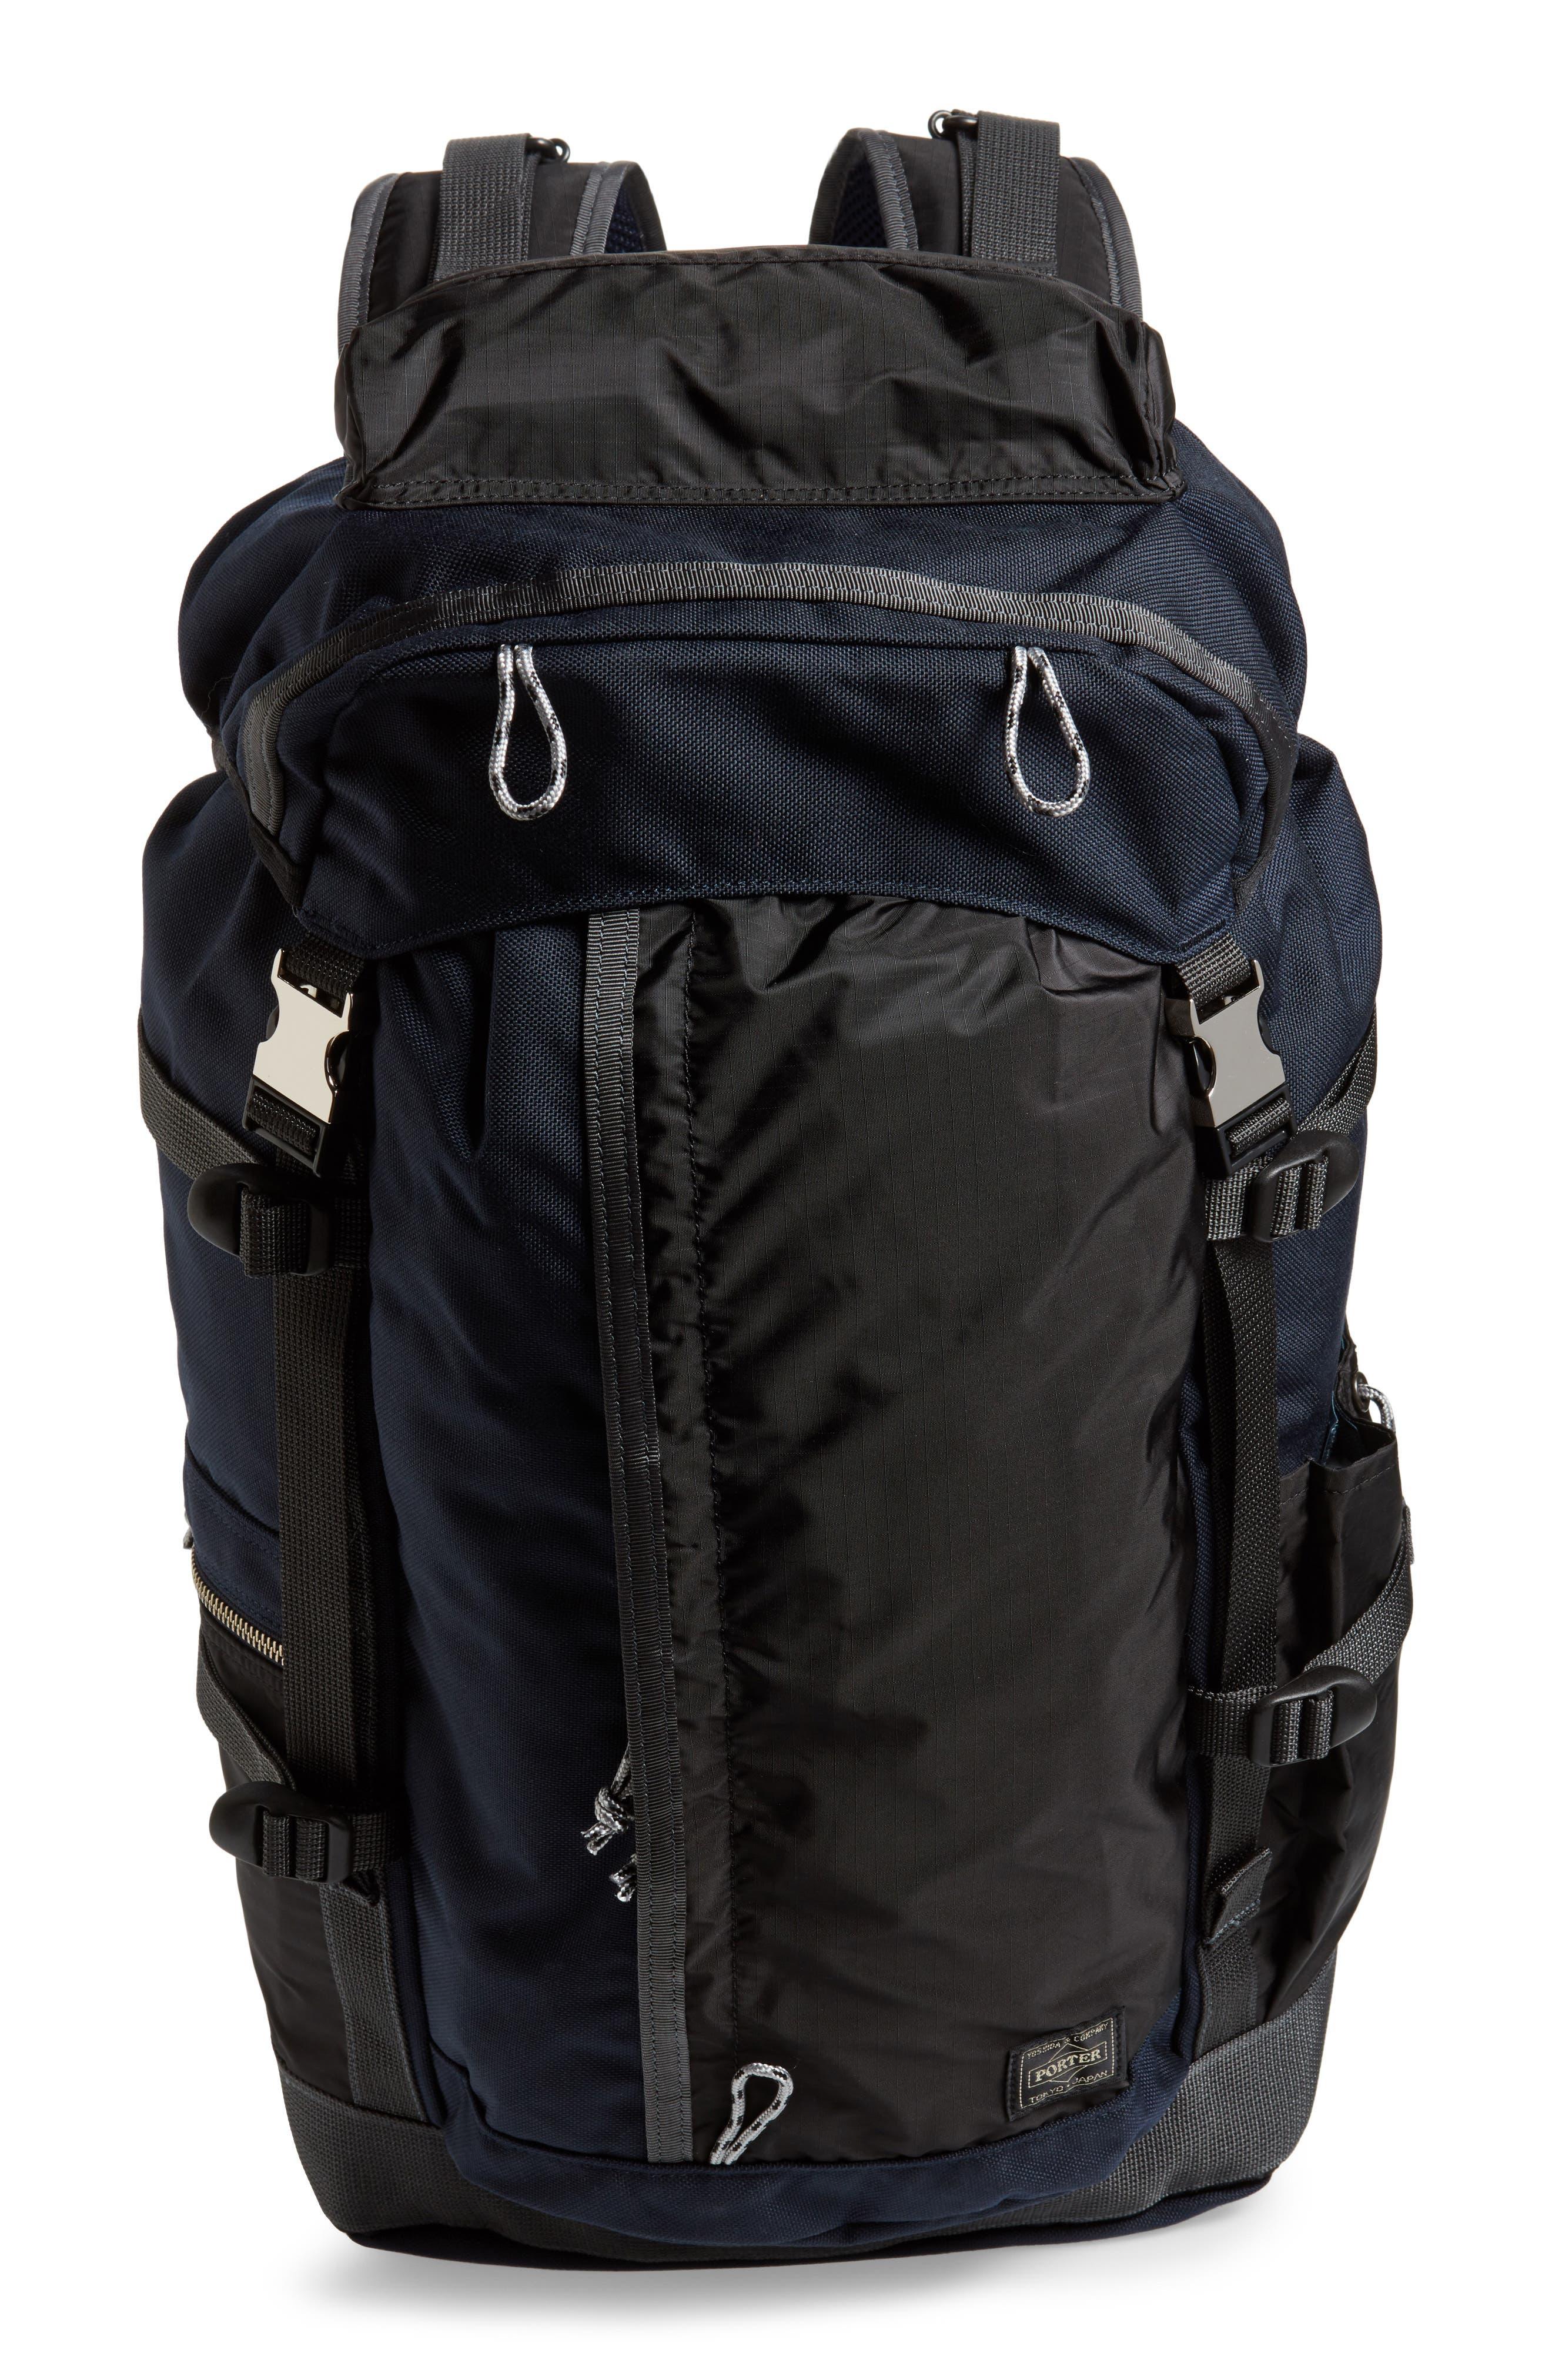 Porter-Yoshida & Co. Hype Backpack